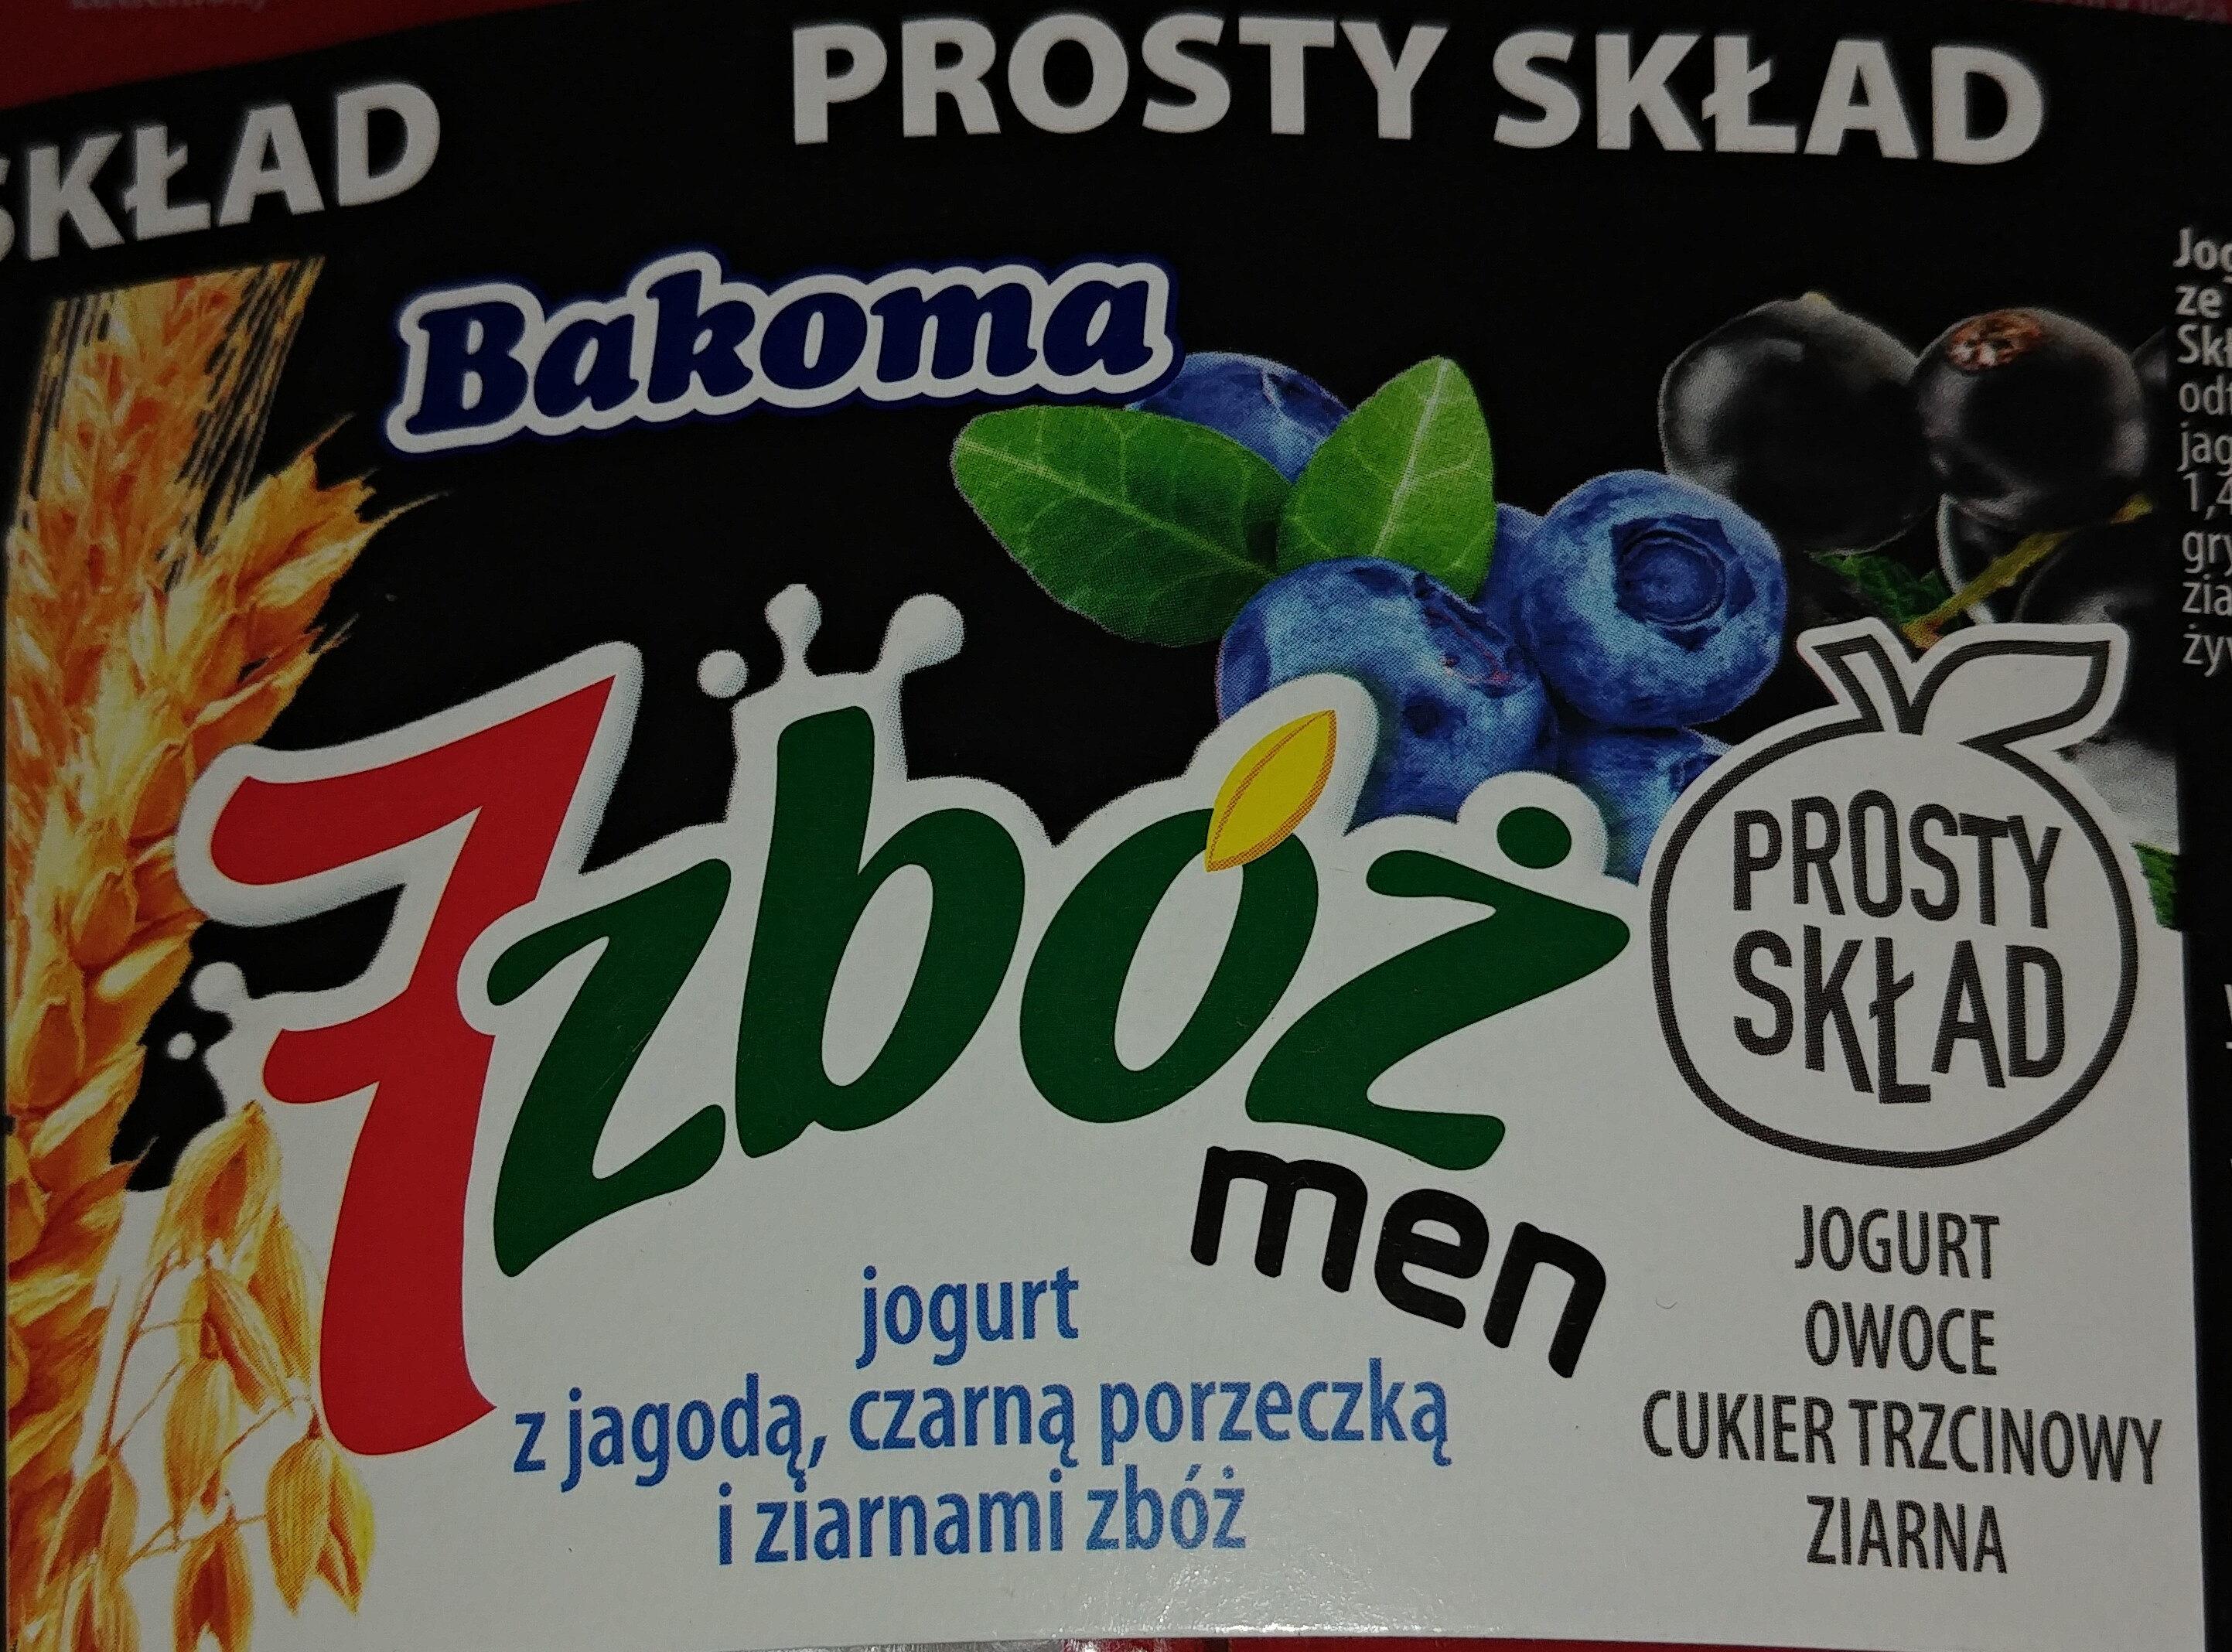 Jogurt z jagodą, czarną porzeczką i ziarnami zbóż - Produkt